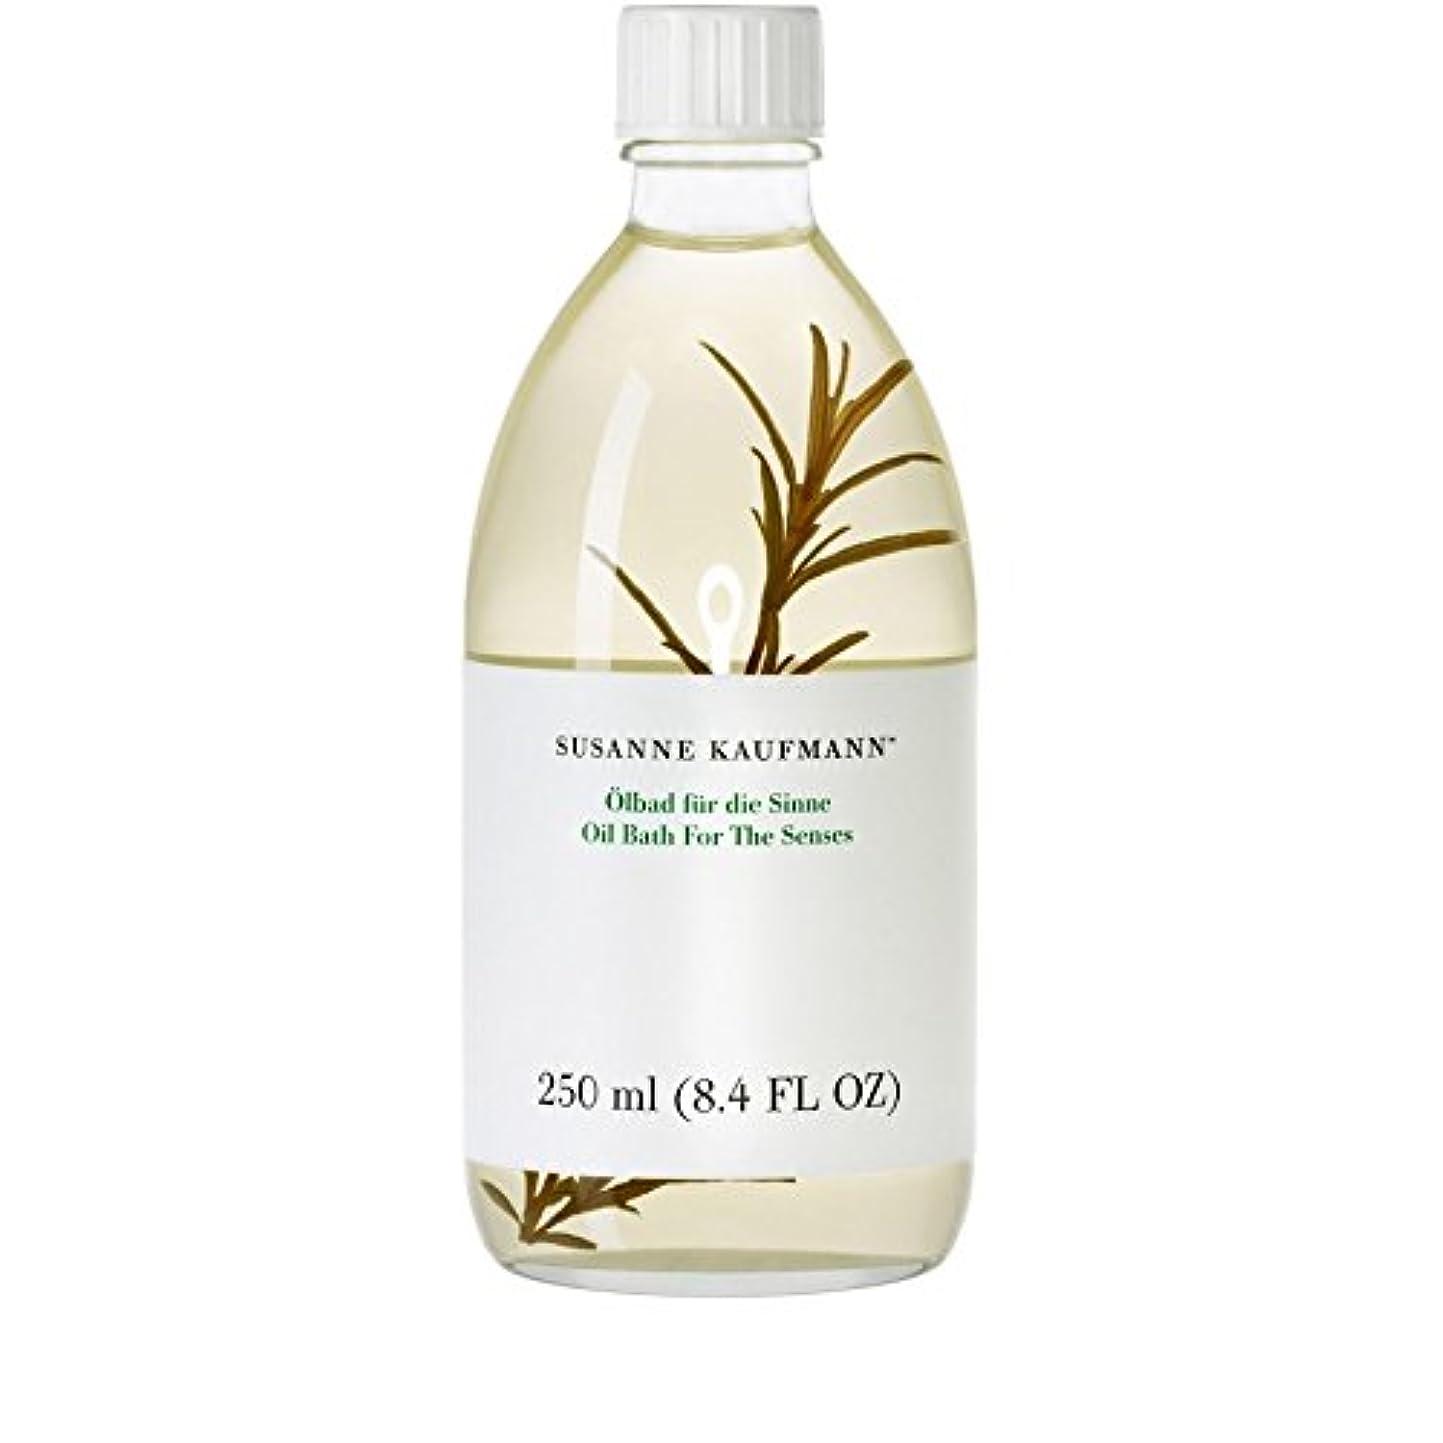 リラックスジョージエリオット欠如Susanne Kaufmann Oil Bath for the Senses 250ml - 250ミリリットルの感覚のためのスザンヌカウフマンオイルバス [並行輸入品]